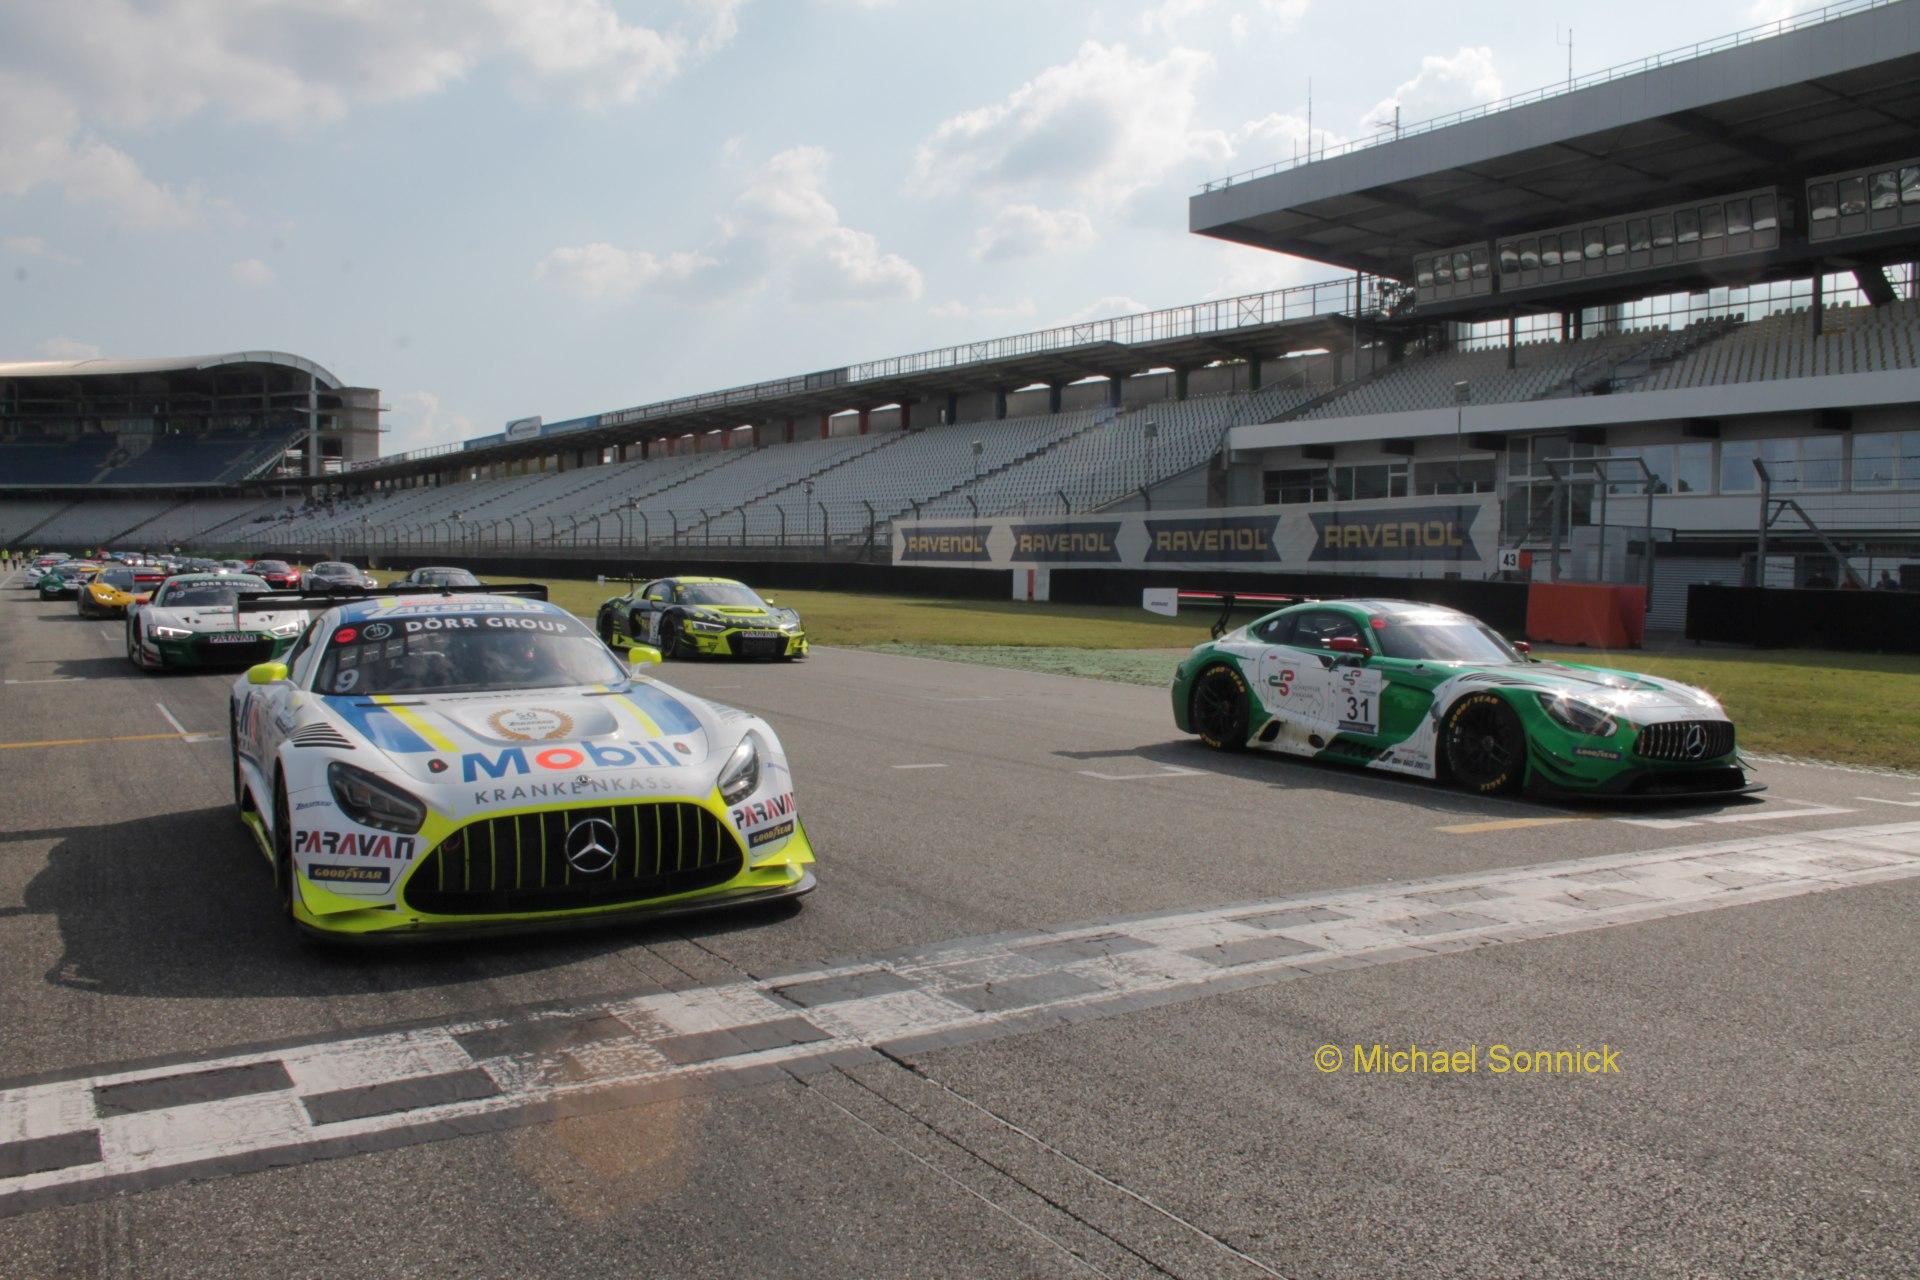 Mercedes-AMG feiert Doppelsieg auf dem Hockenheimring